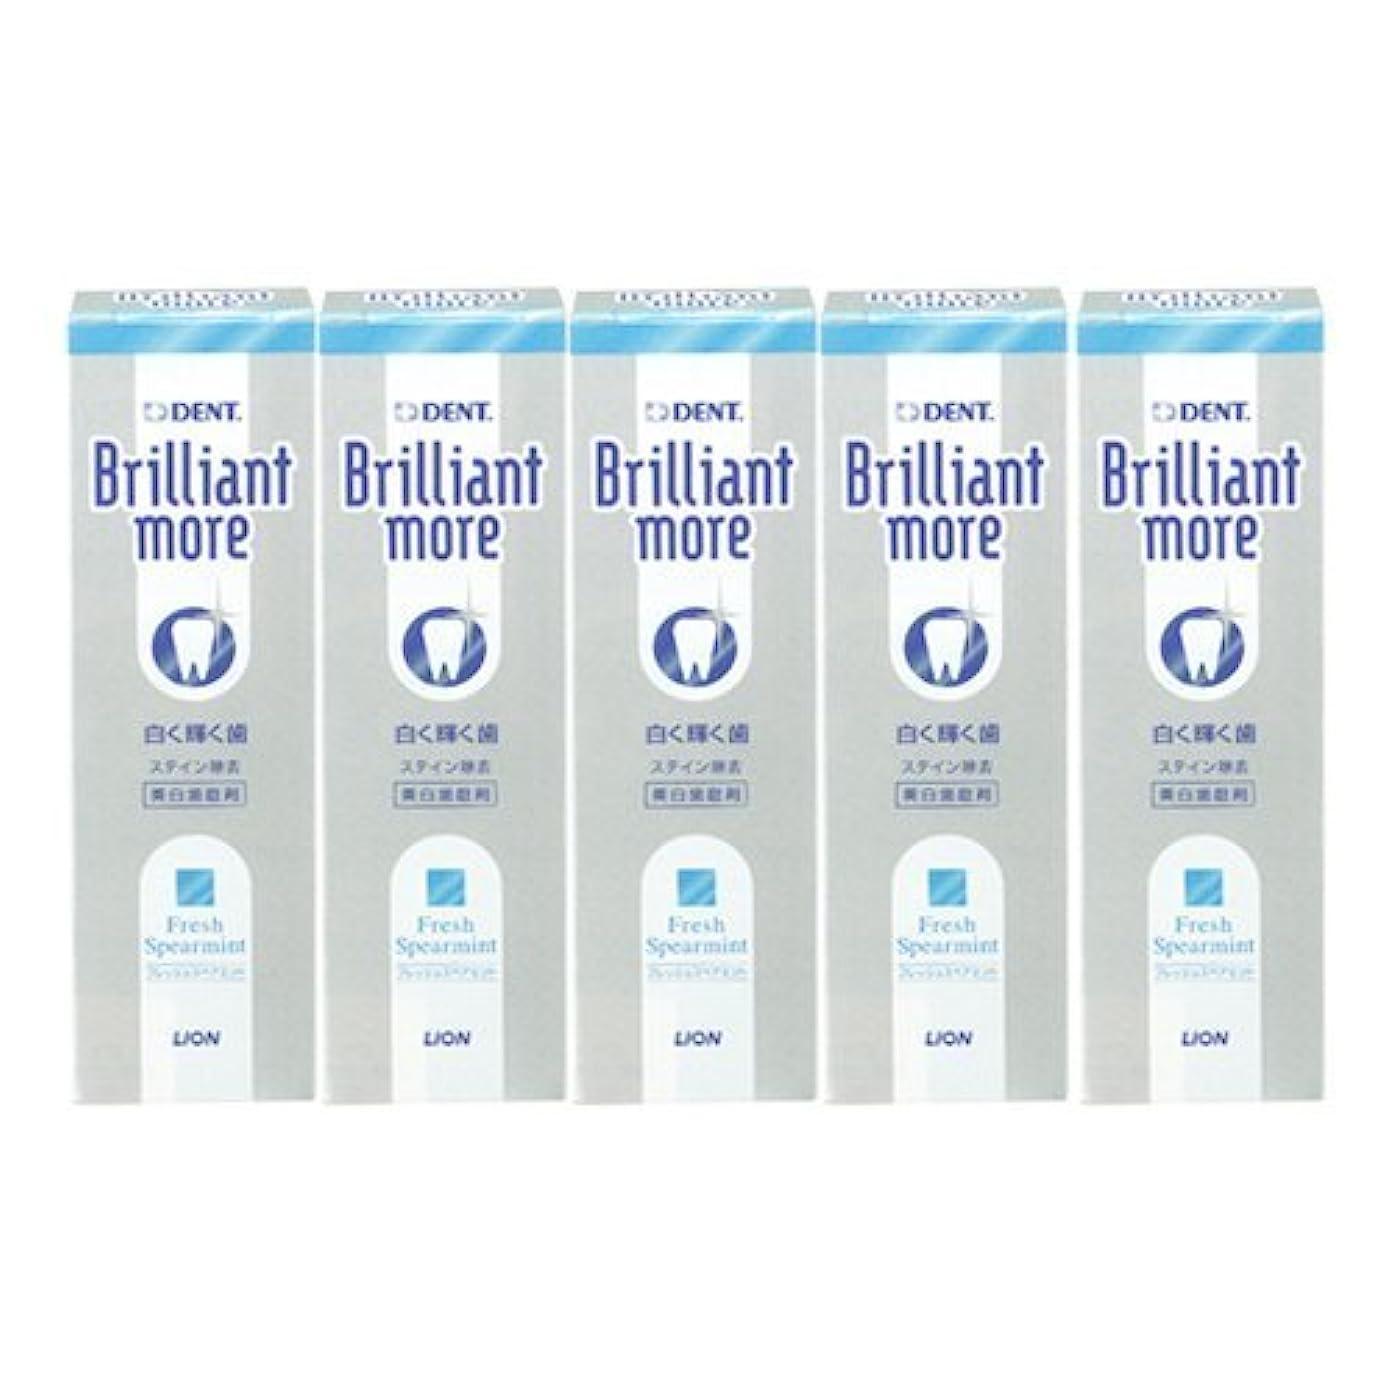 足音窒素スクランブルライオン ブリリアントモア フレッシュスペアミント 美白歯磨剤 LION Brilliant more 5本セット